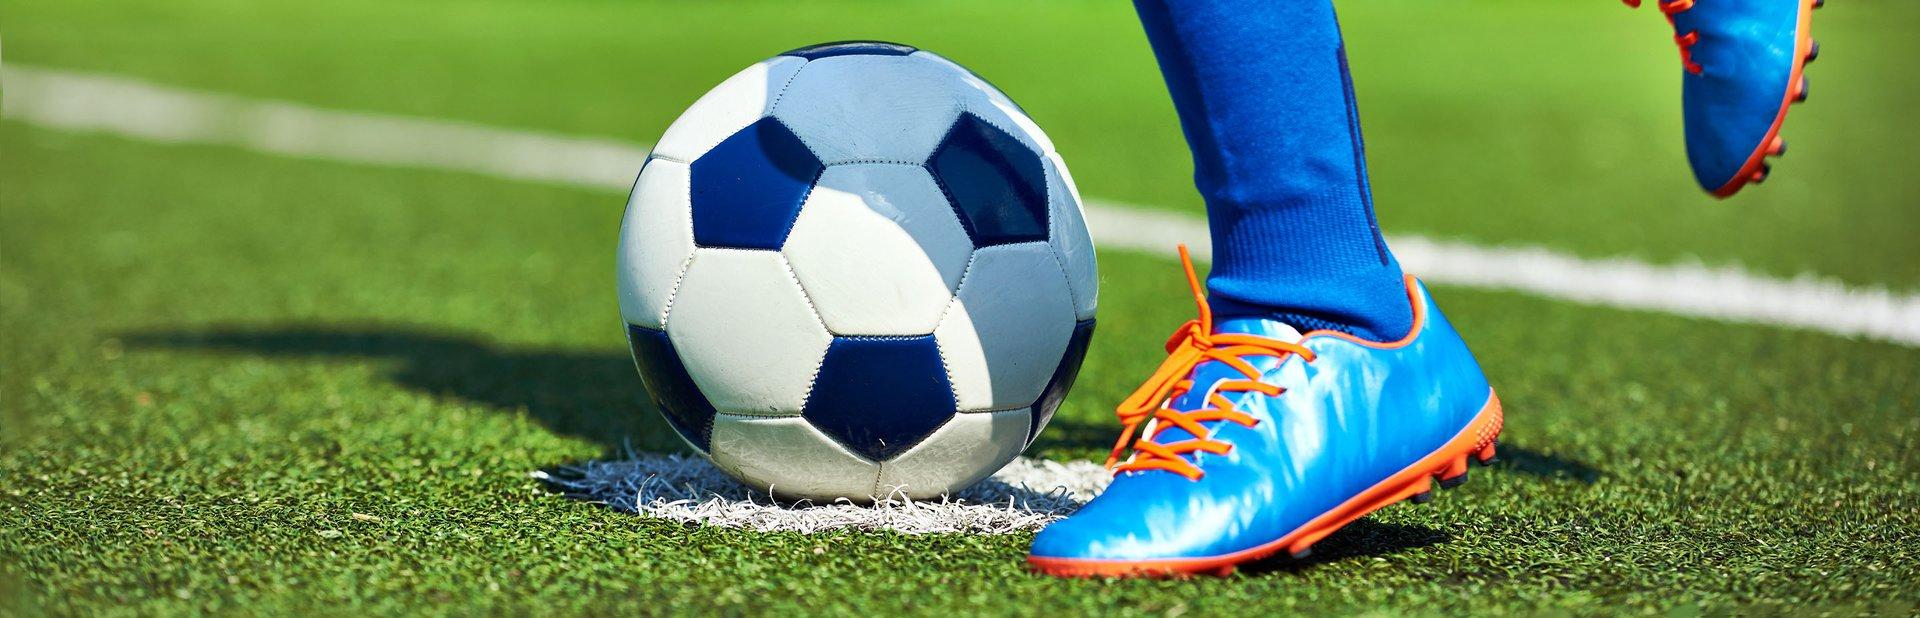 Técnico Deportivo Superior de Fútbol + CAFYD en Madrid